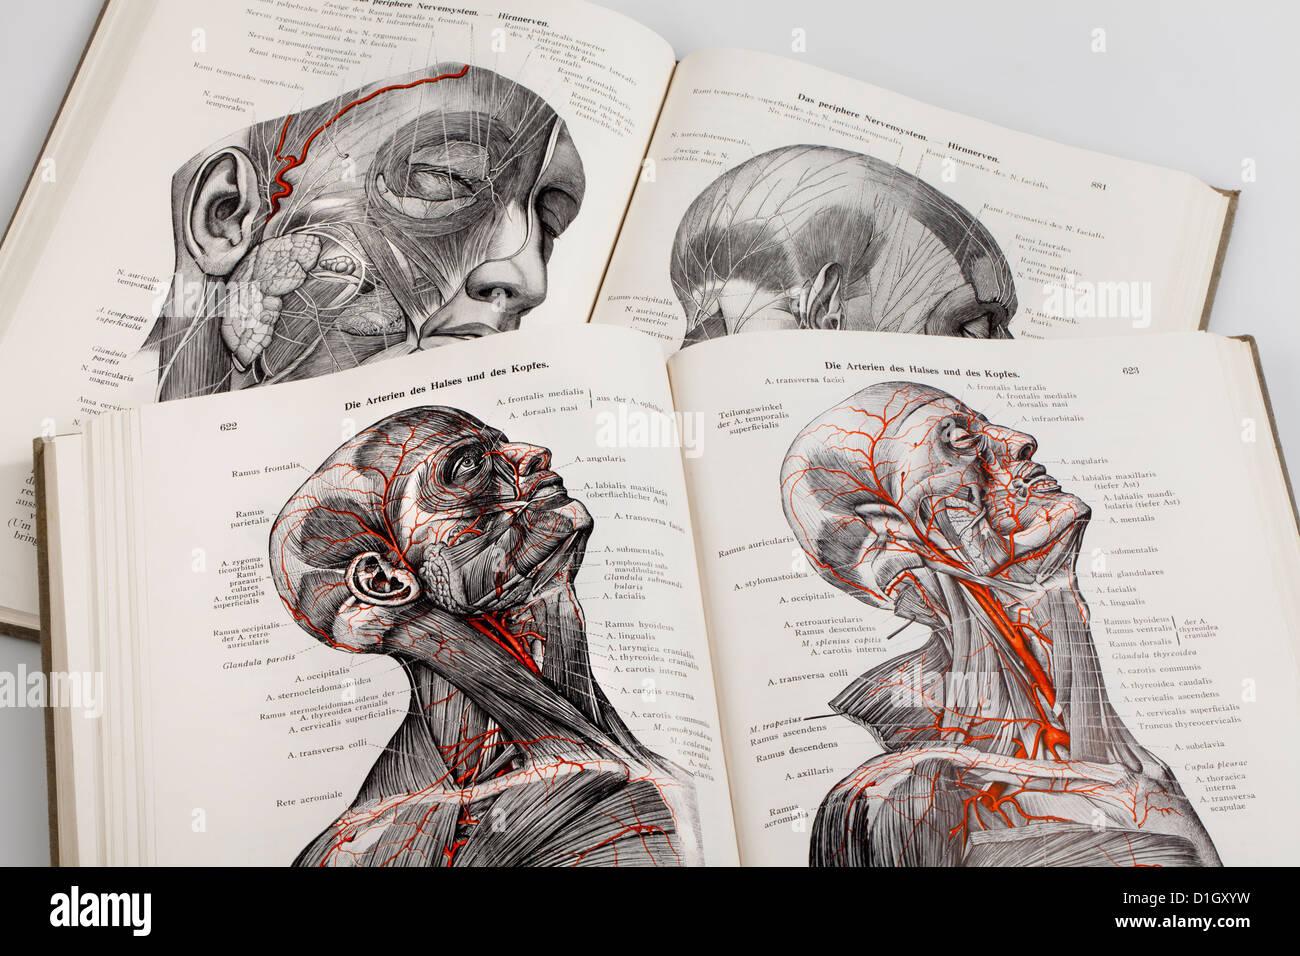 Holzschnitte in ein medizinisches Lehrbuch, Illustration der Nerven ...